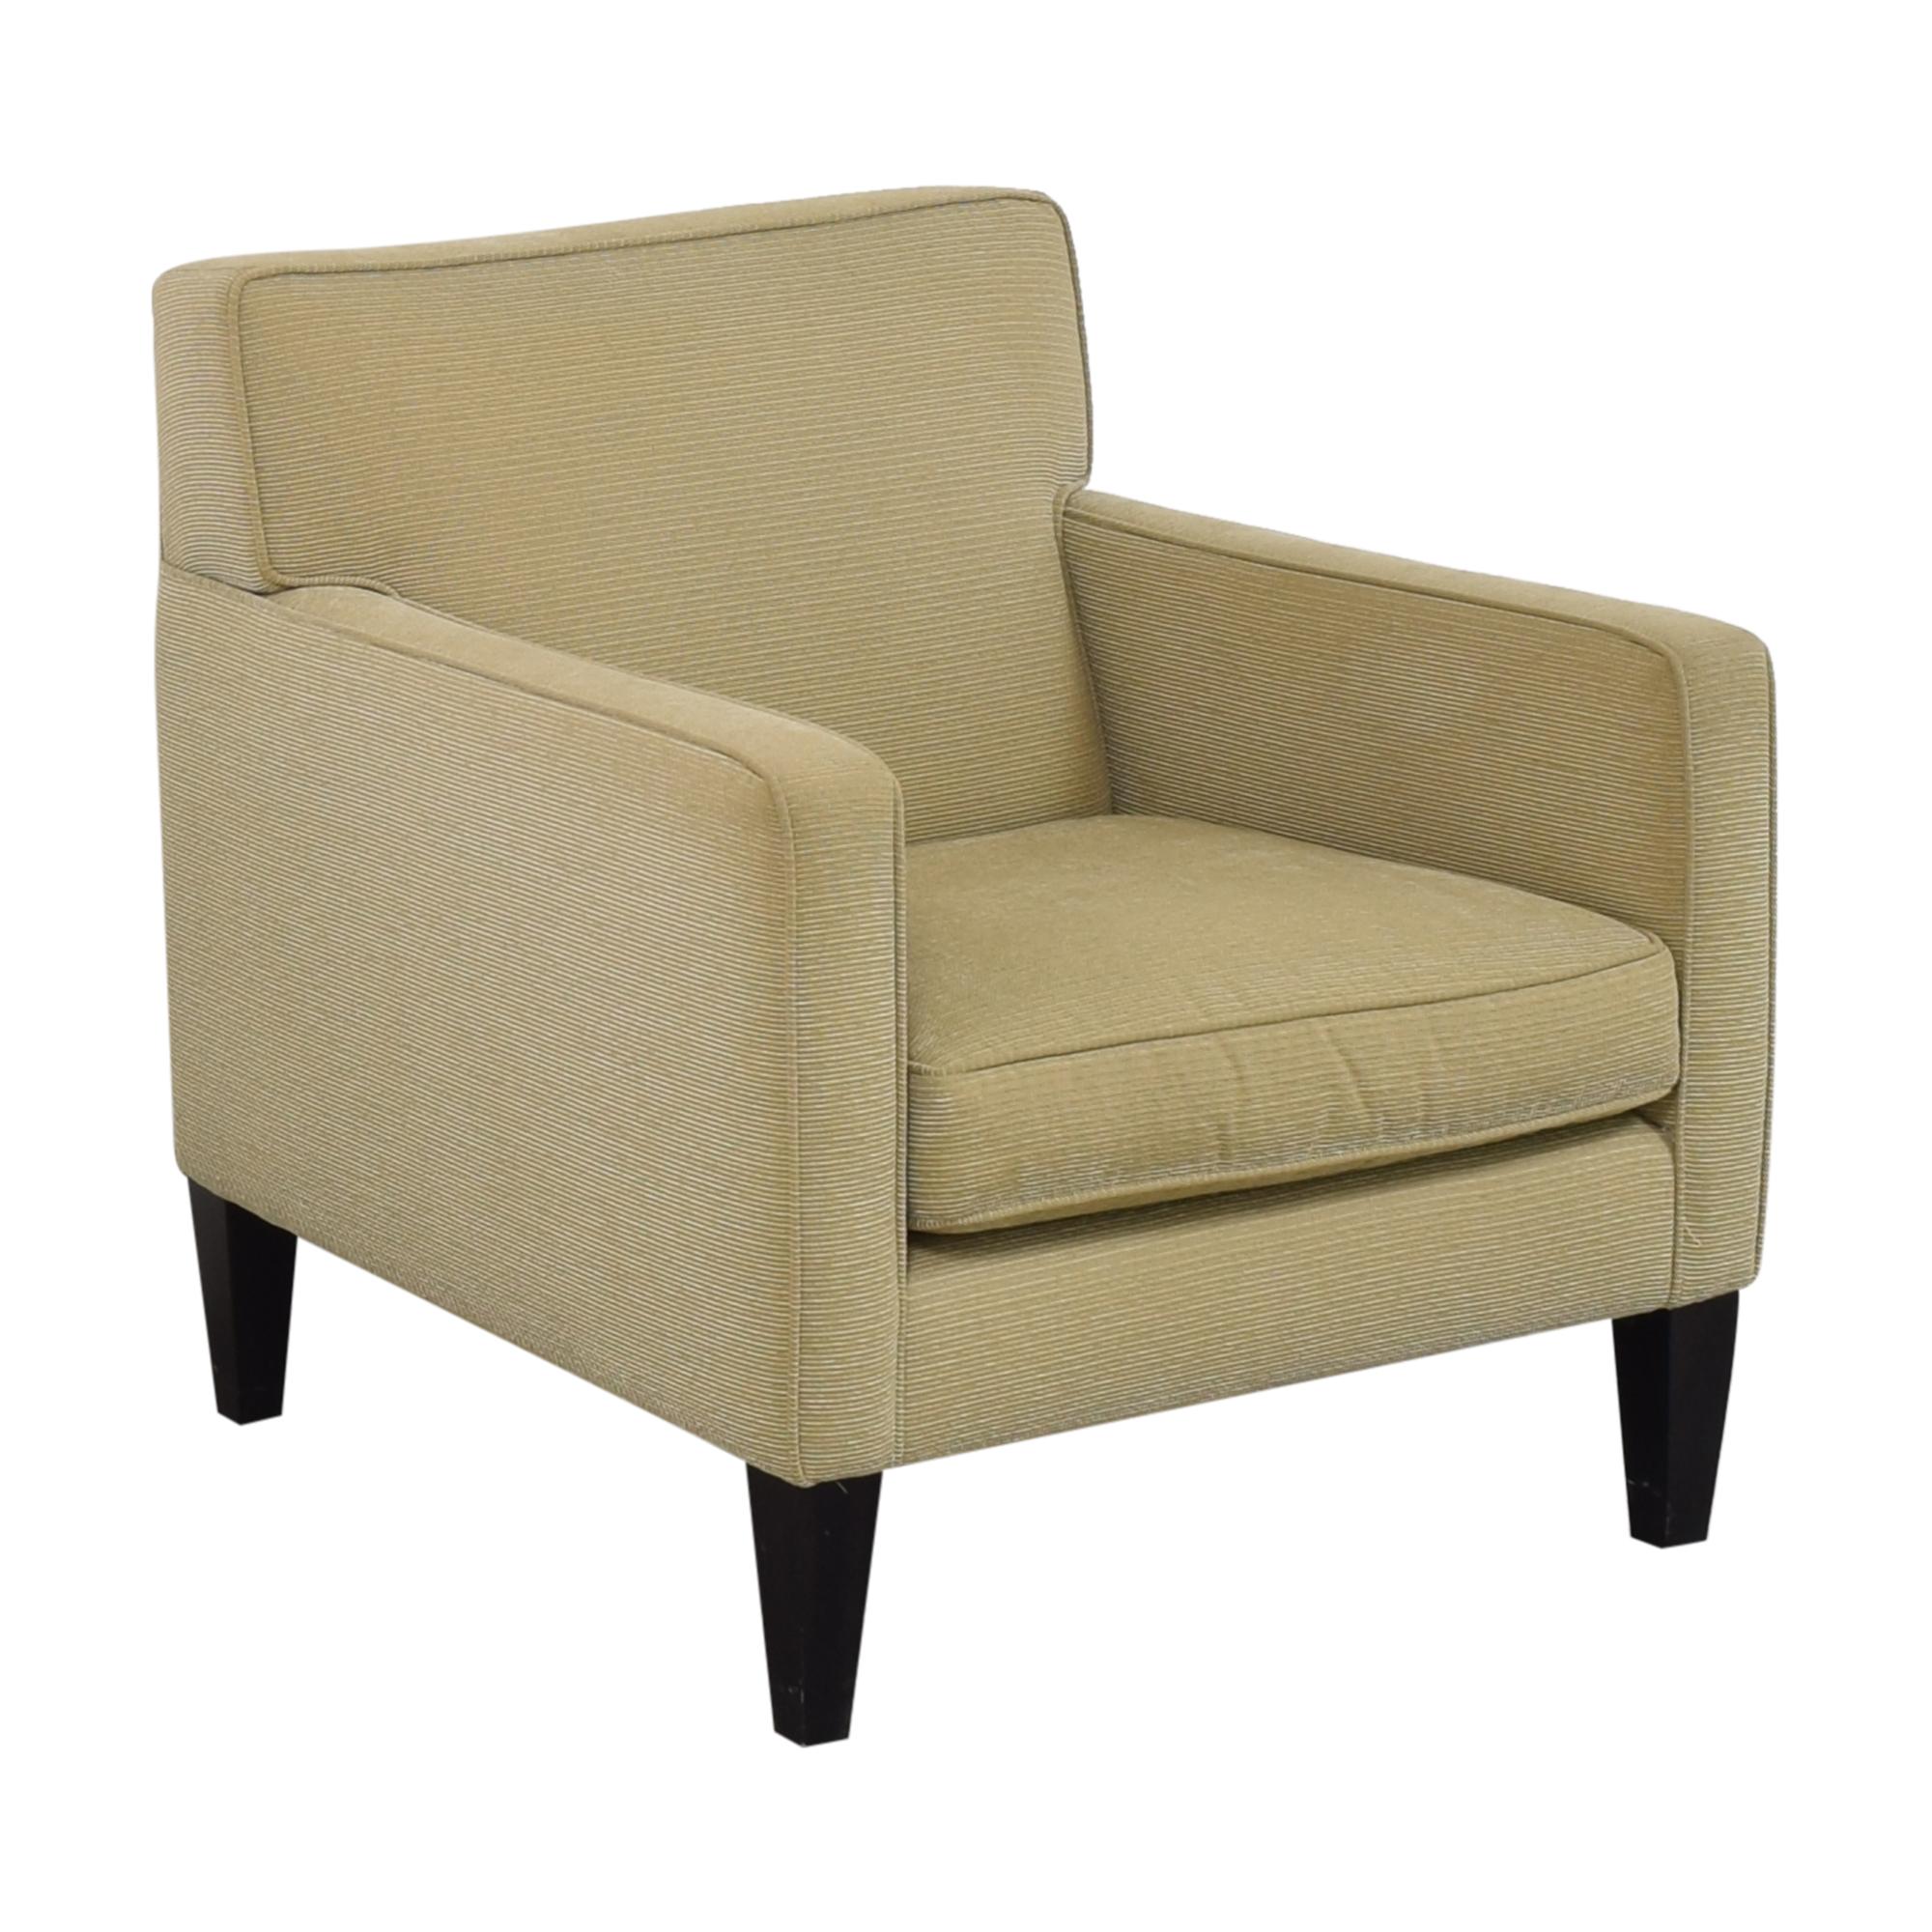 Crate & Barrel Crate & Barrel Tight Back Accent Chair nj